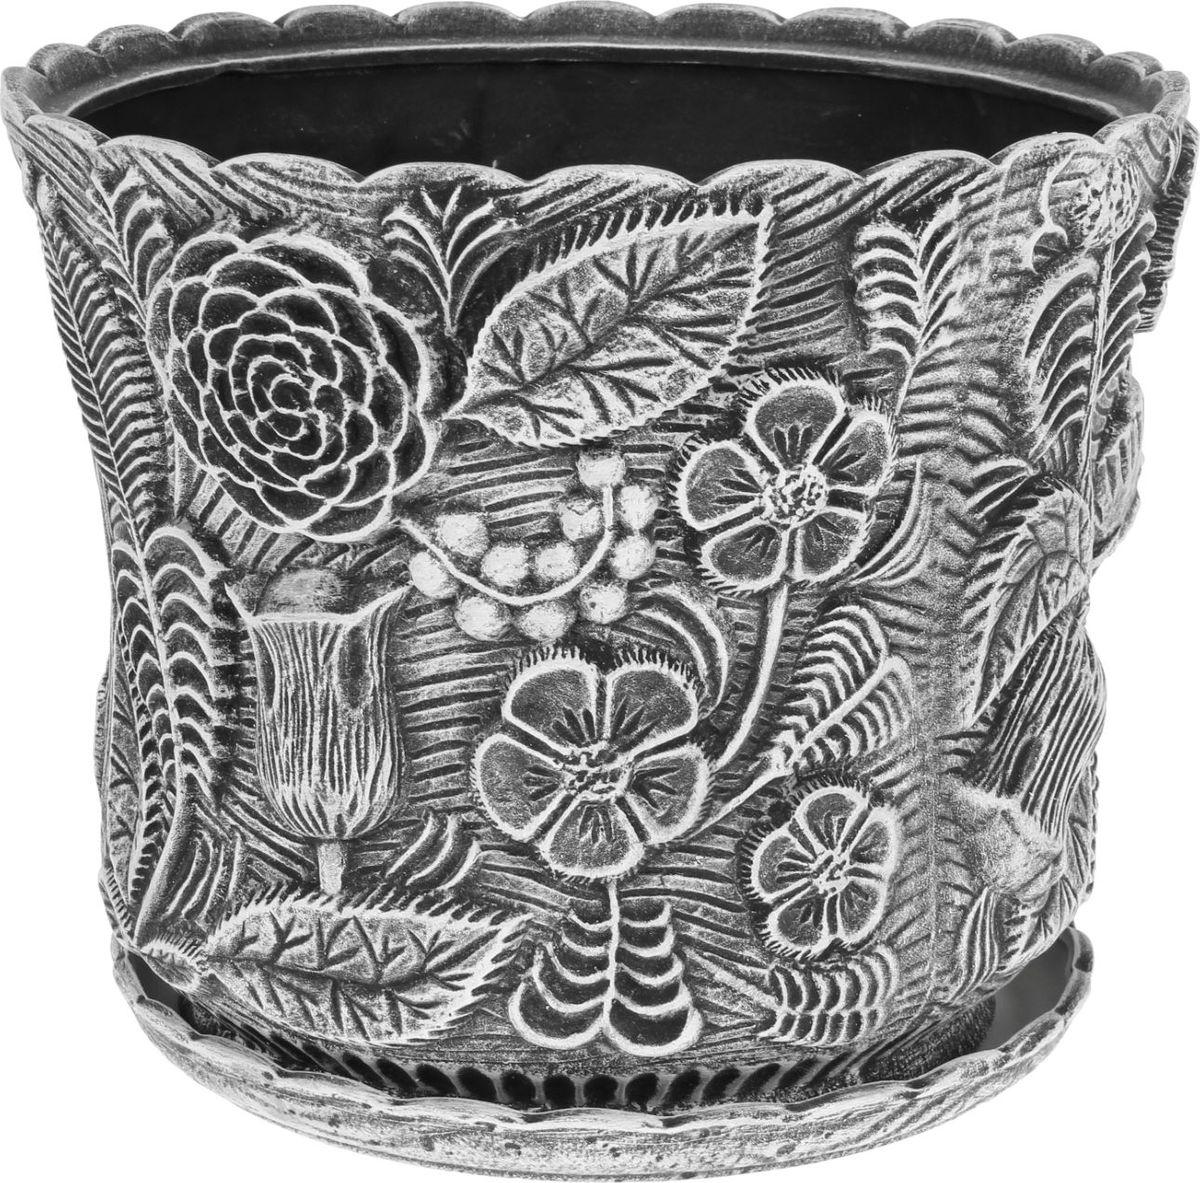 Кашпо Керамика ручной работы Черно-белый букет, 30 л1130595